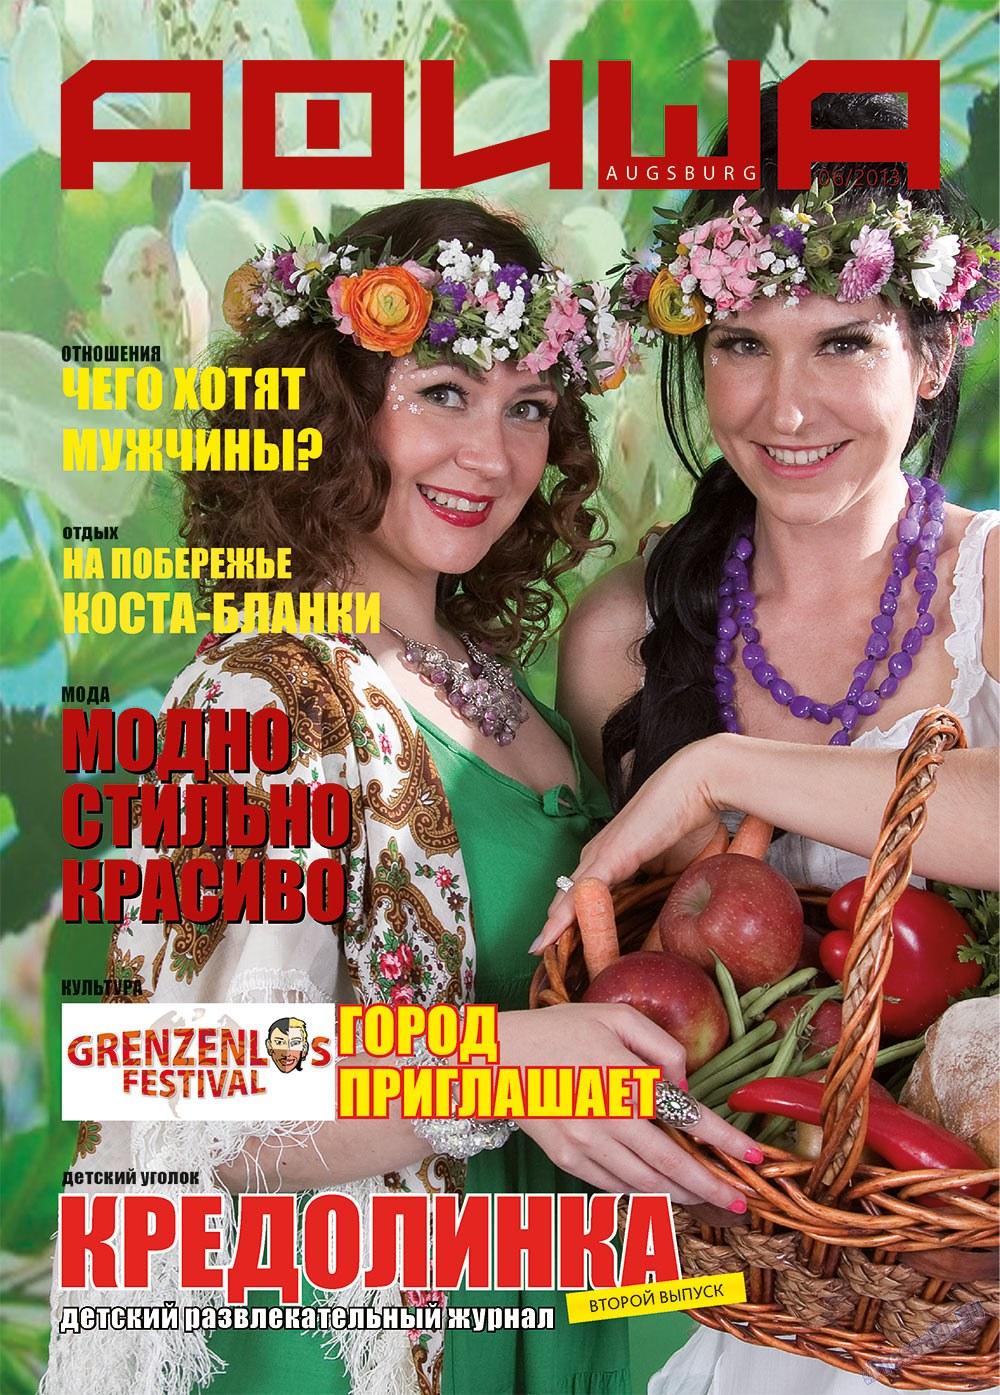 Афиша Augsburg (журнал). 2013 год, номер 6, стр. 1